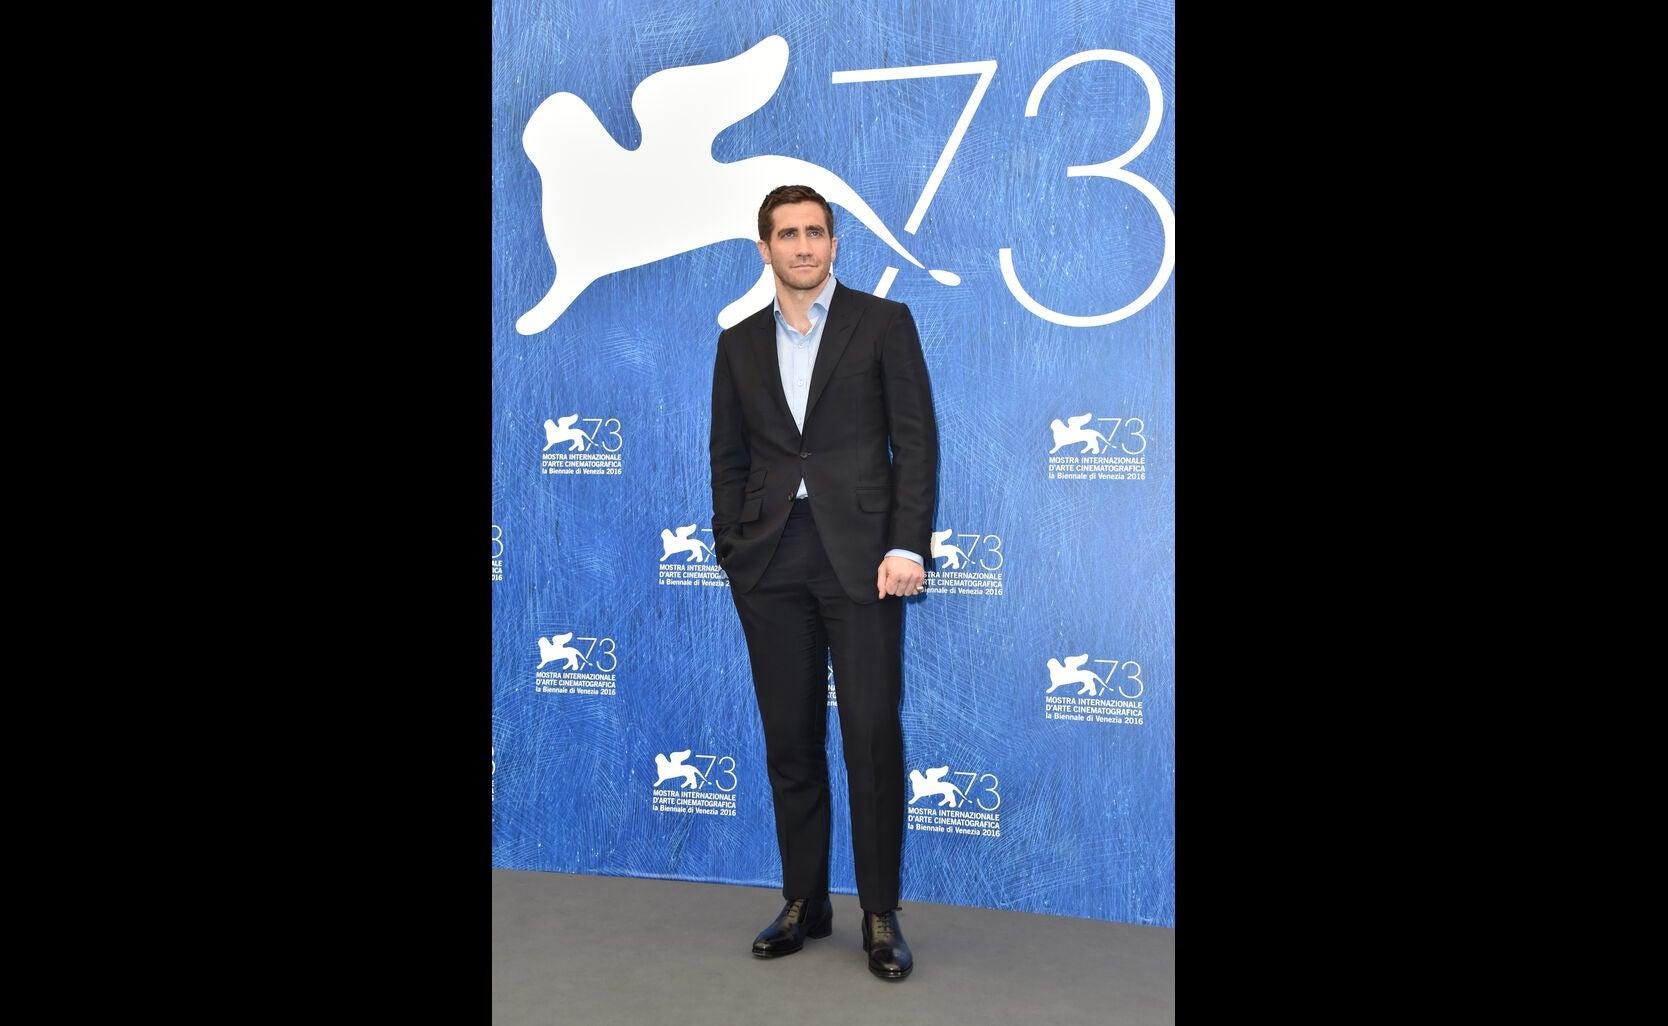 Jake Gyllenhaal at 2016 Venice Film Festival